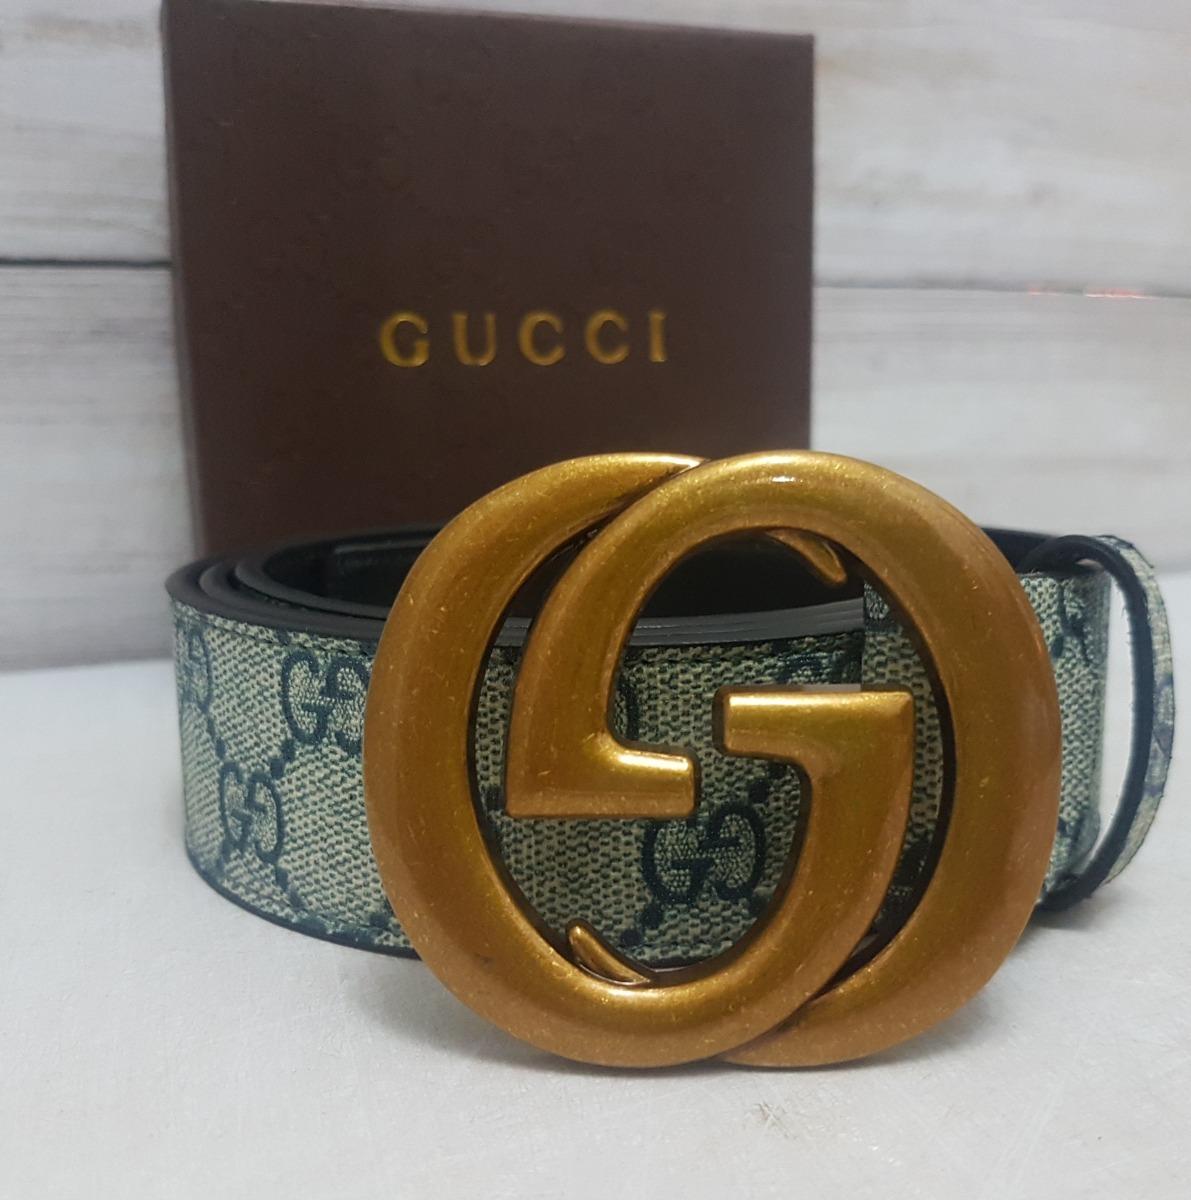 eaba20509 Cinturones Gucci Correa Espectaculares - Bs. 109.656,27 en Mercado Libre